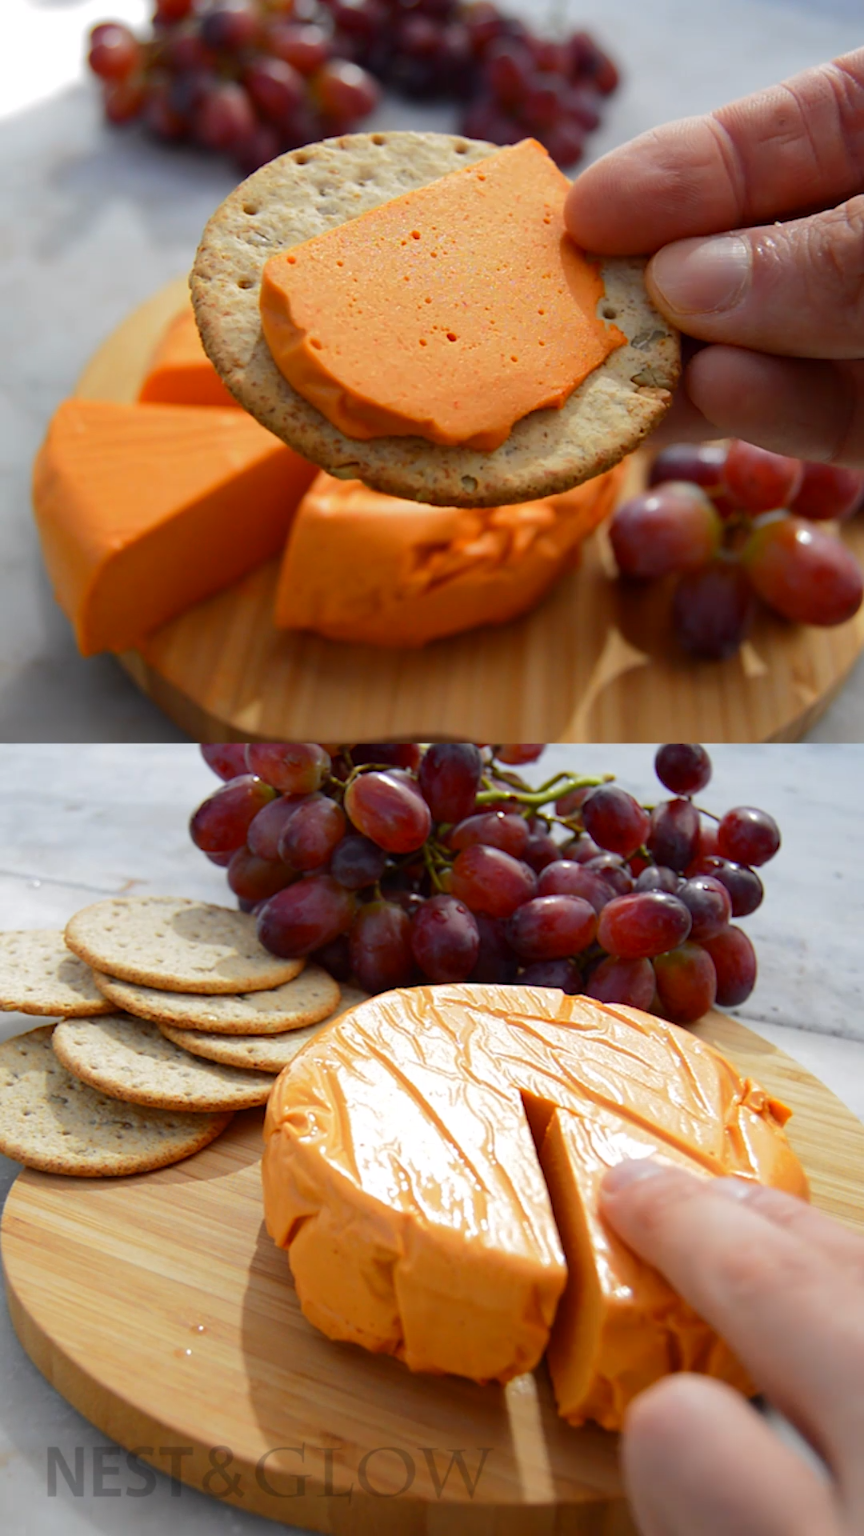 Smoked Cashew Cheese Recipe Easy Healthy Vegan Cheese Recipe Vegan Cheese Recipes Dairy Free Cheese Easy Cheese Recipes